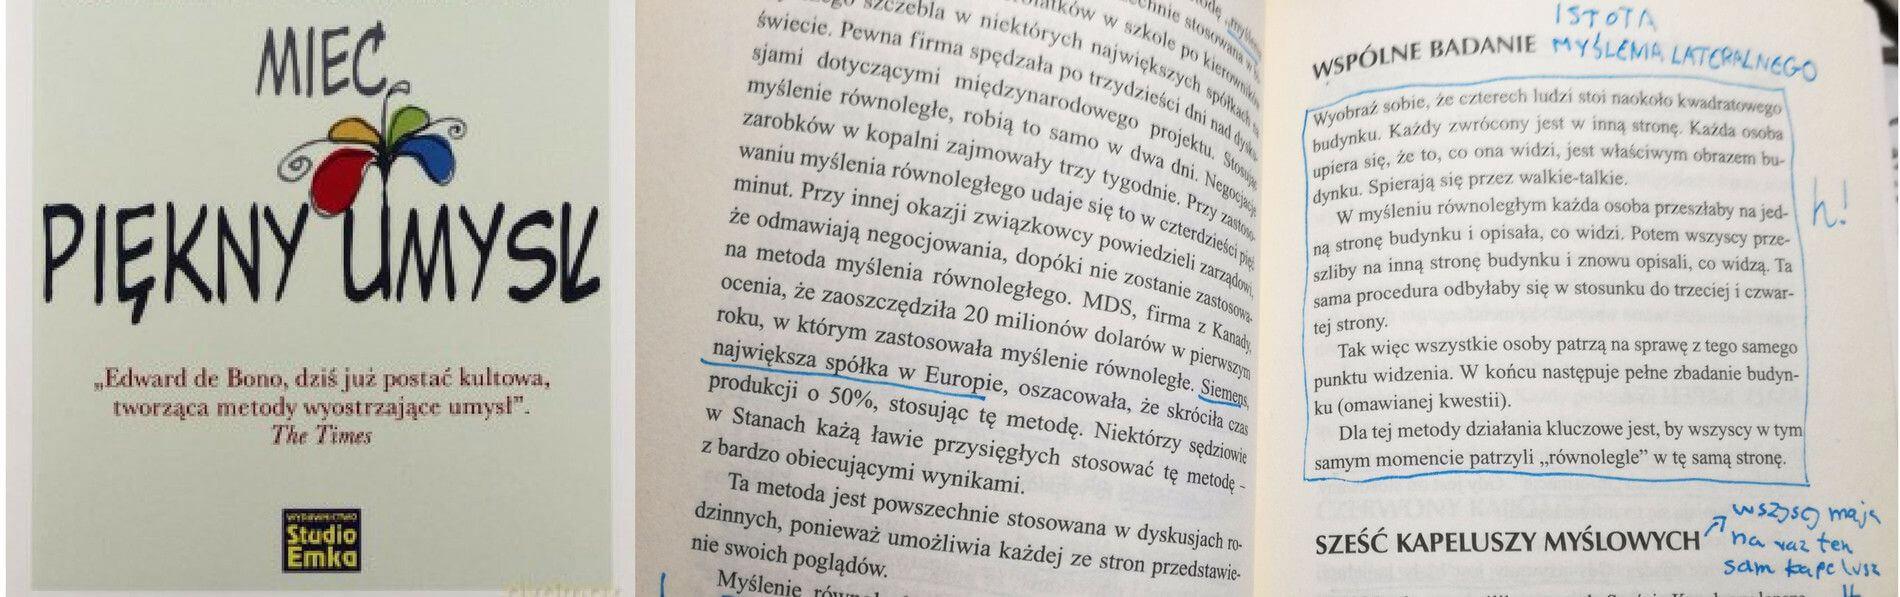 Recenzja Książki Mieć Piękny Umysł - Andrzej Bernardyn